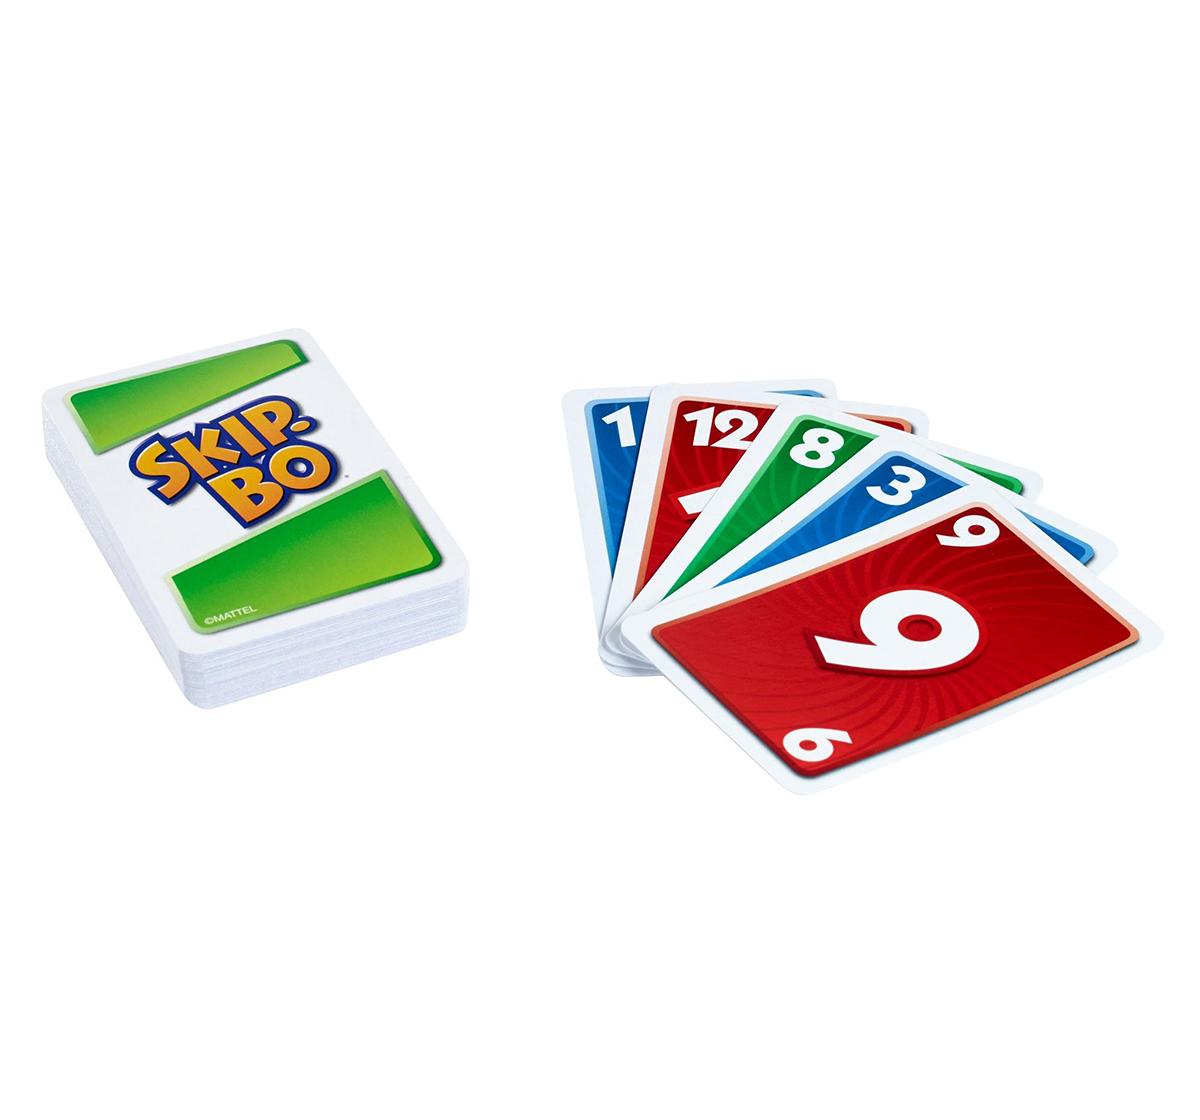 Mattel | Mattel Games Skip Bo Card Game for Kids age 7Y+